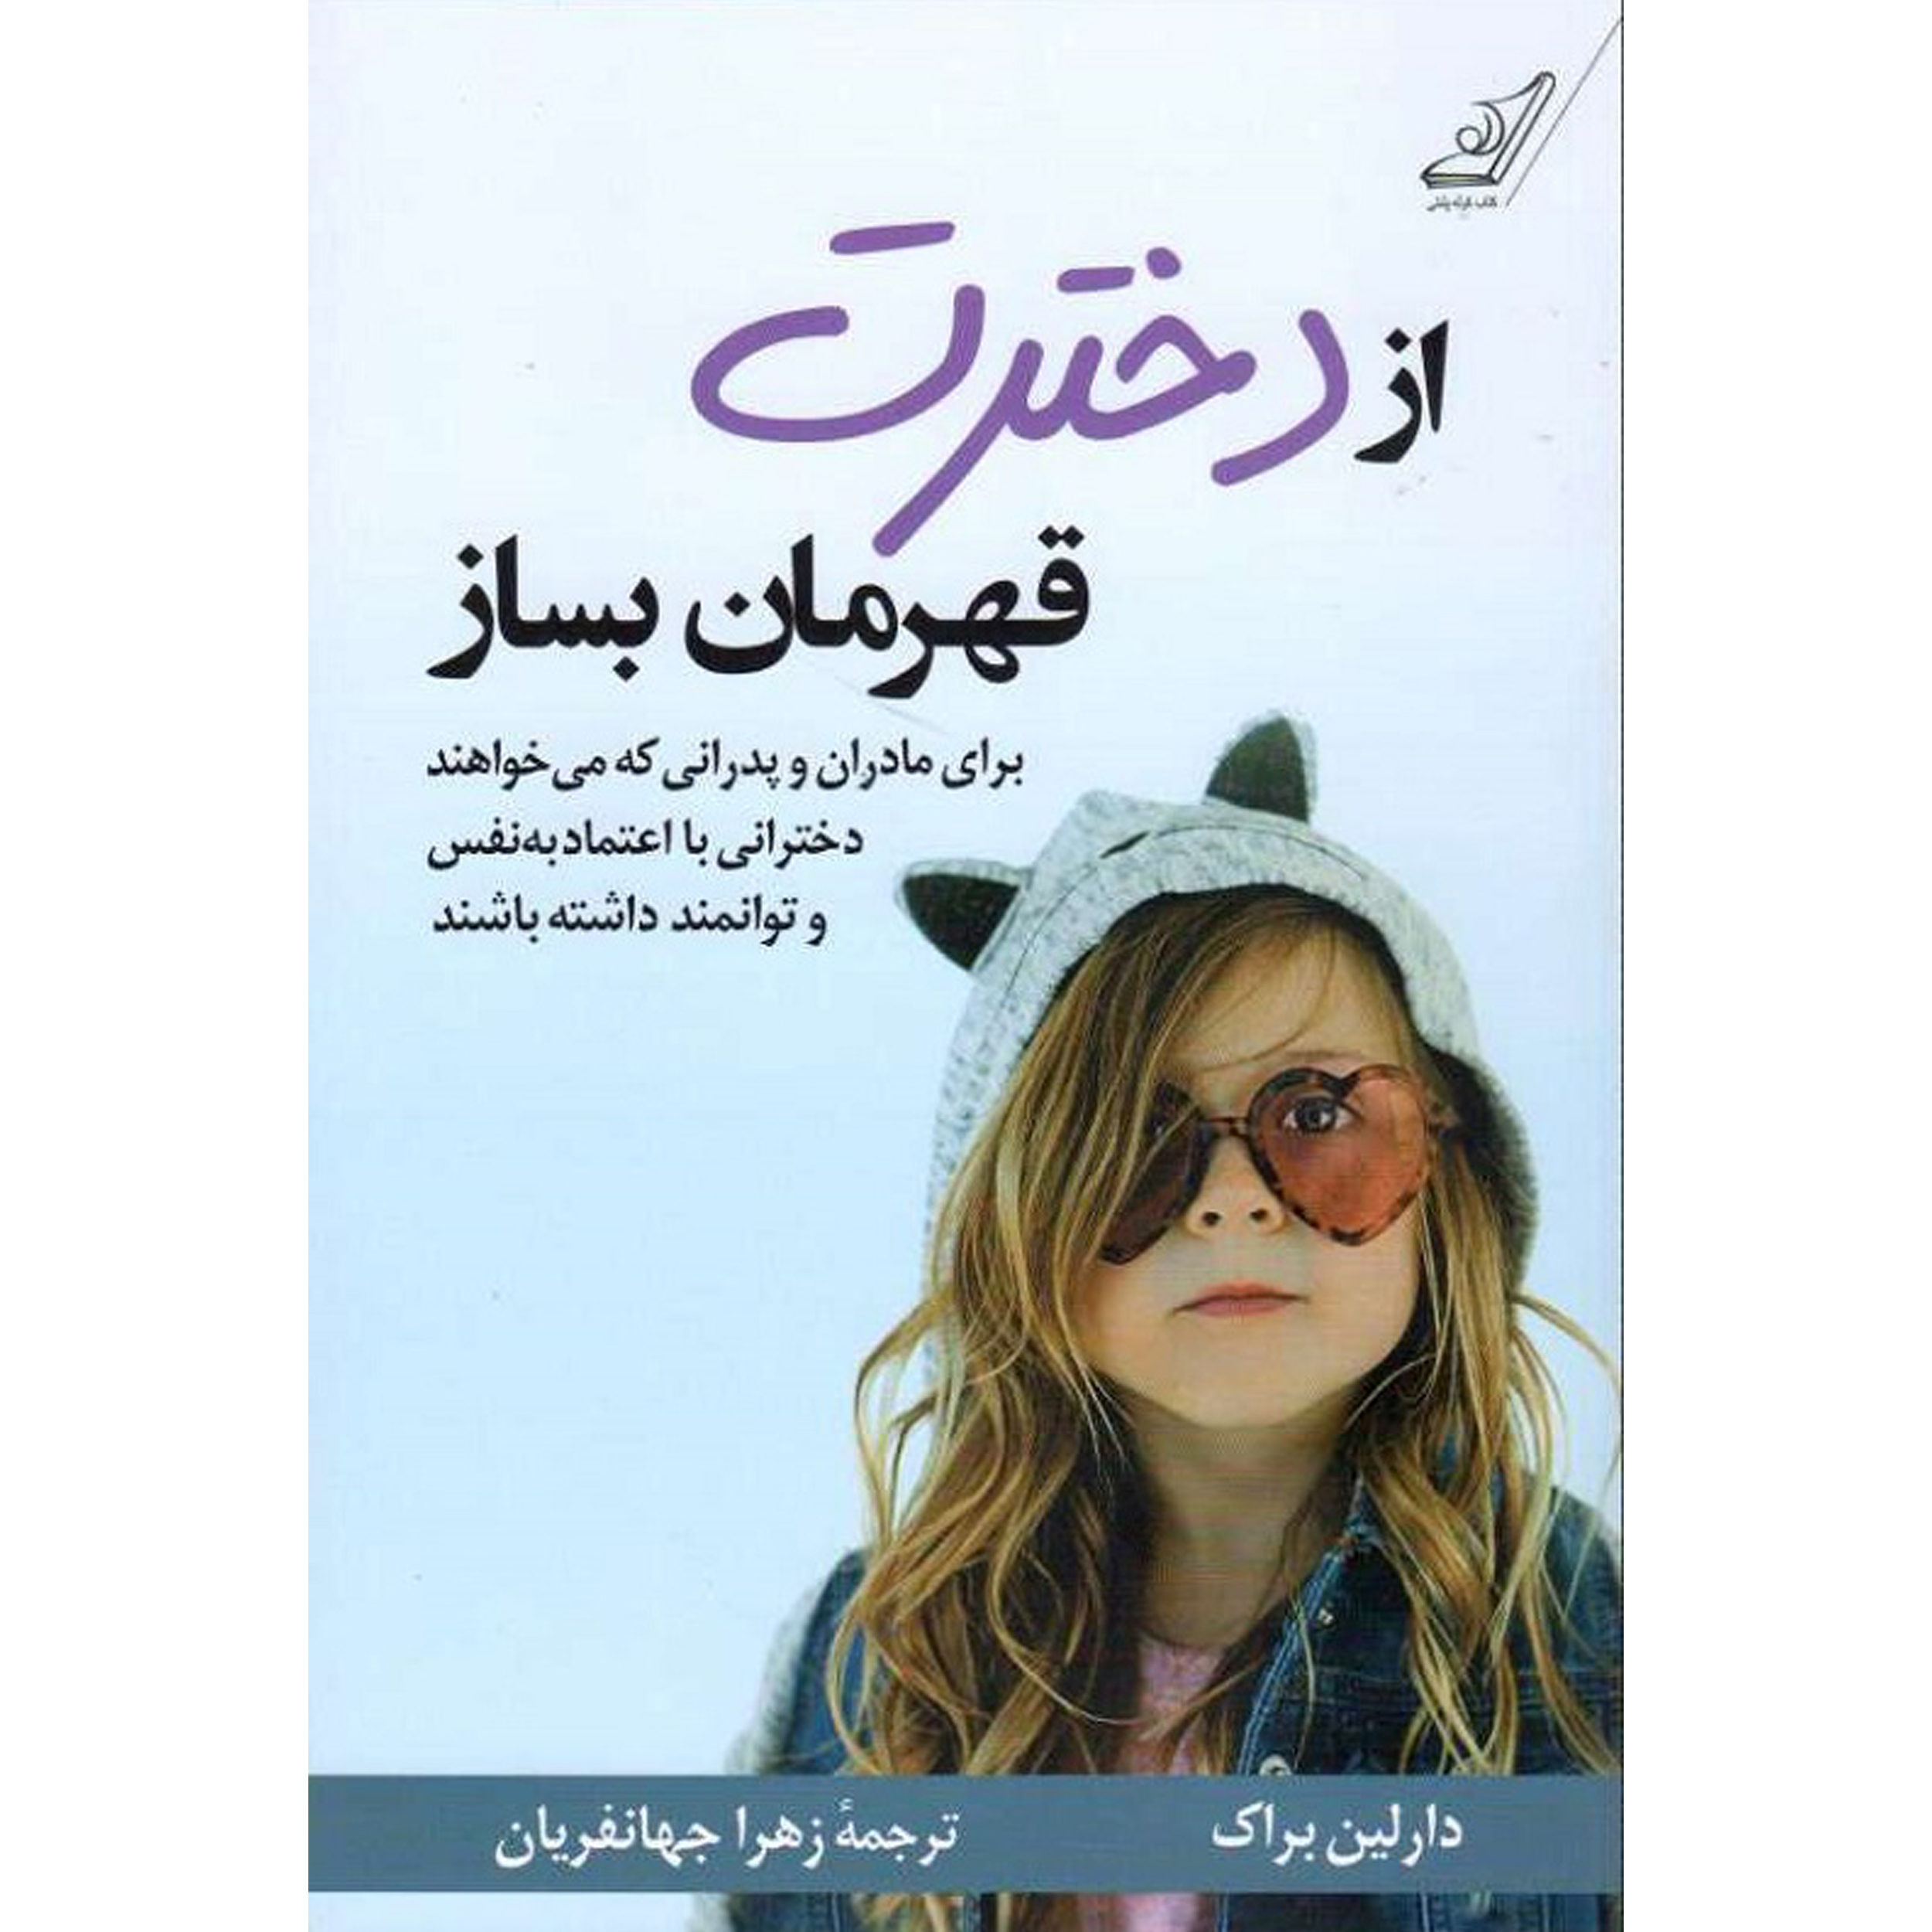 کتاب از دخترت قهرمان بساز اثر دارلین براک انتشارات کتاب کوله پشتی